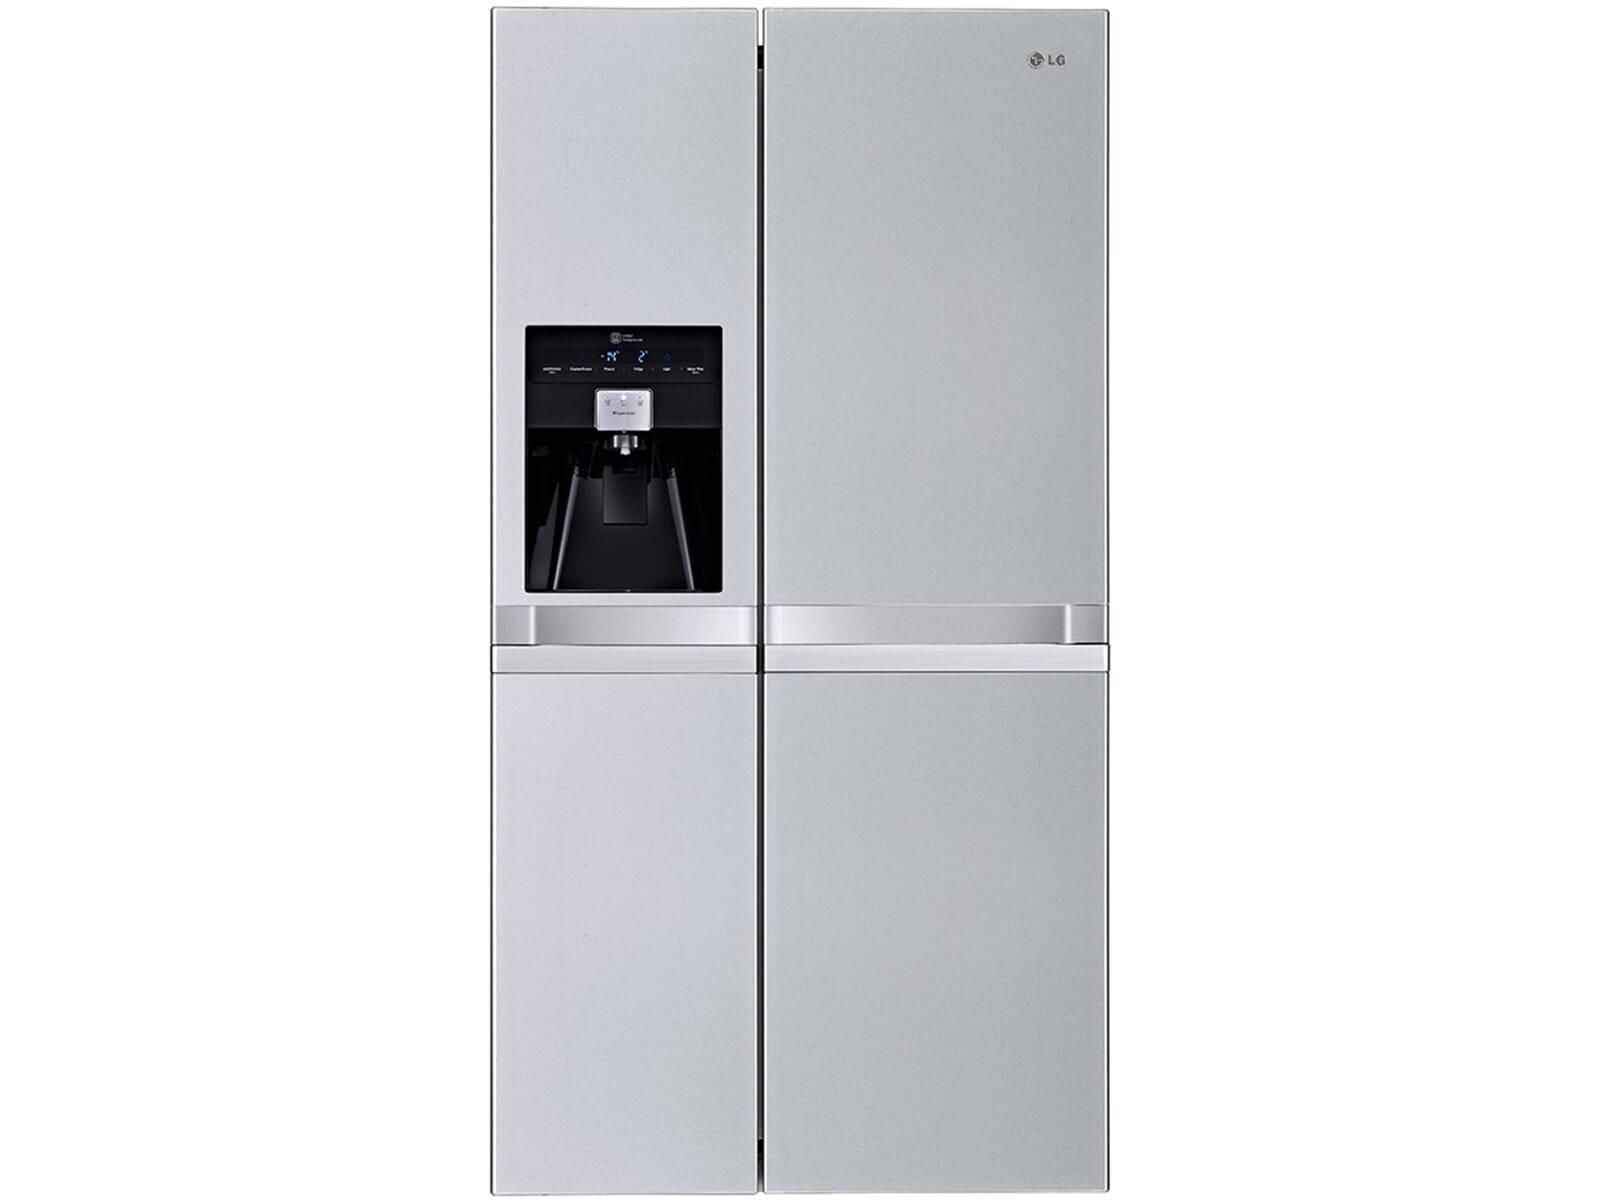 Amerikanischer Kühlschrank General Electric : Kühlschrank mit eisspender general electric amerikanischer